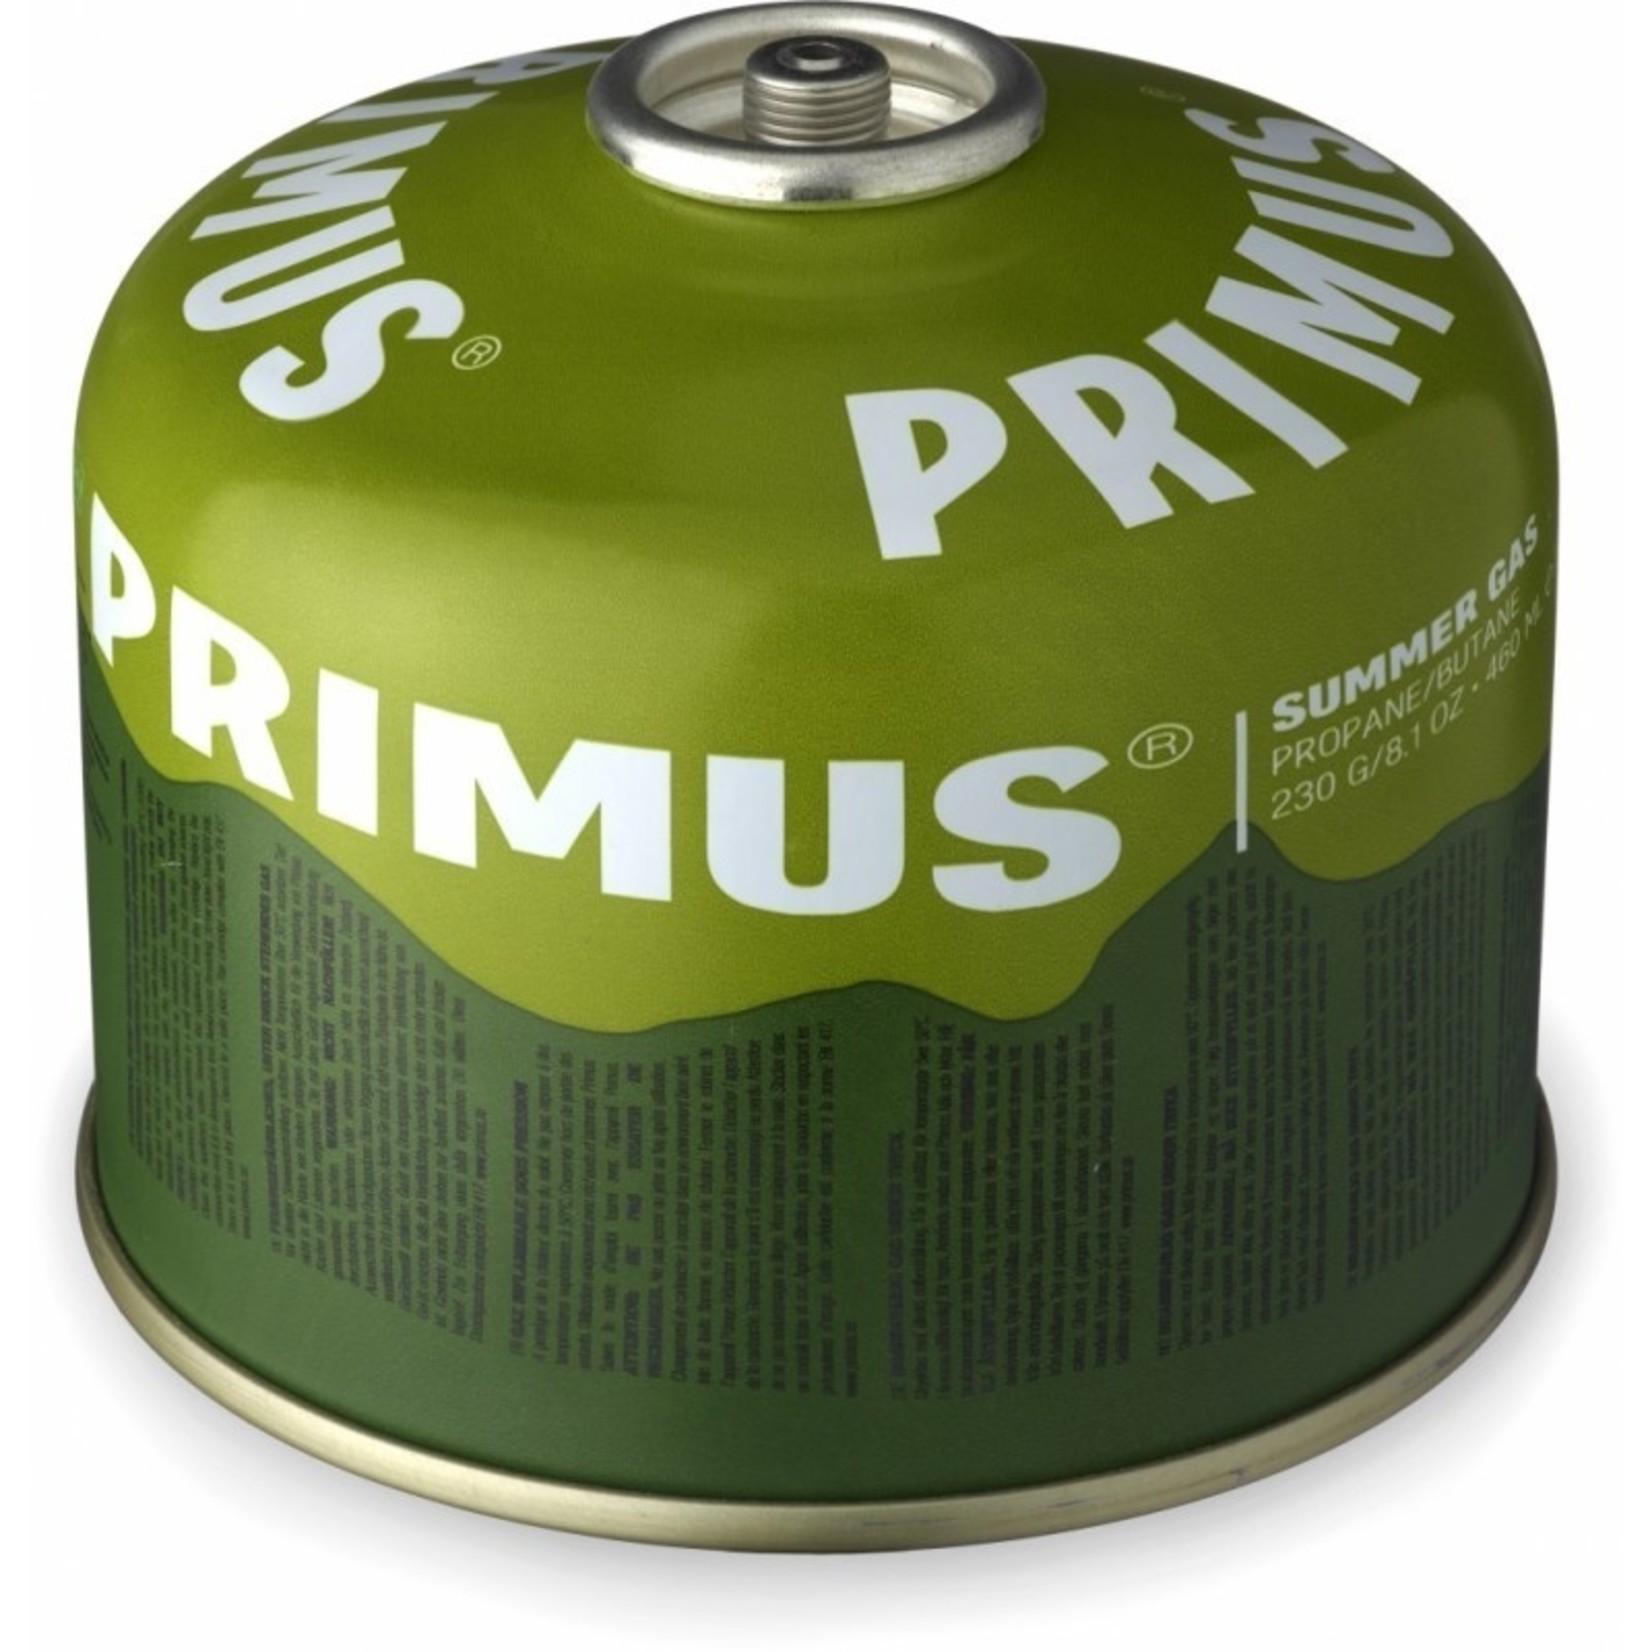 Primus Primus Summer gas 230 gram, perfect bij temperaturen boven de 15 graden Celsius